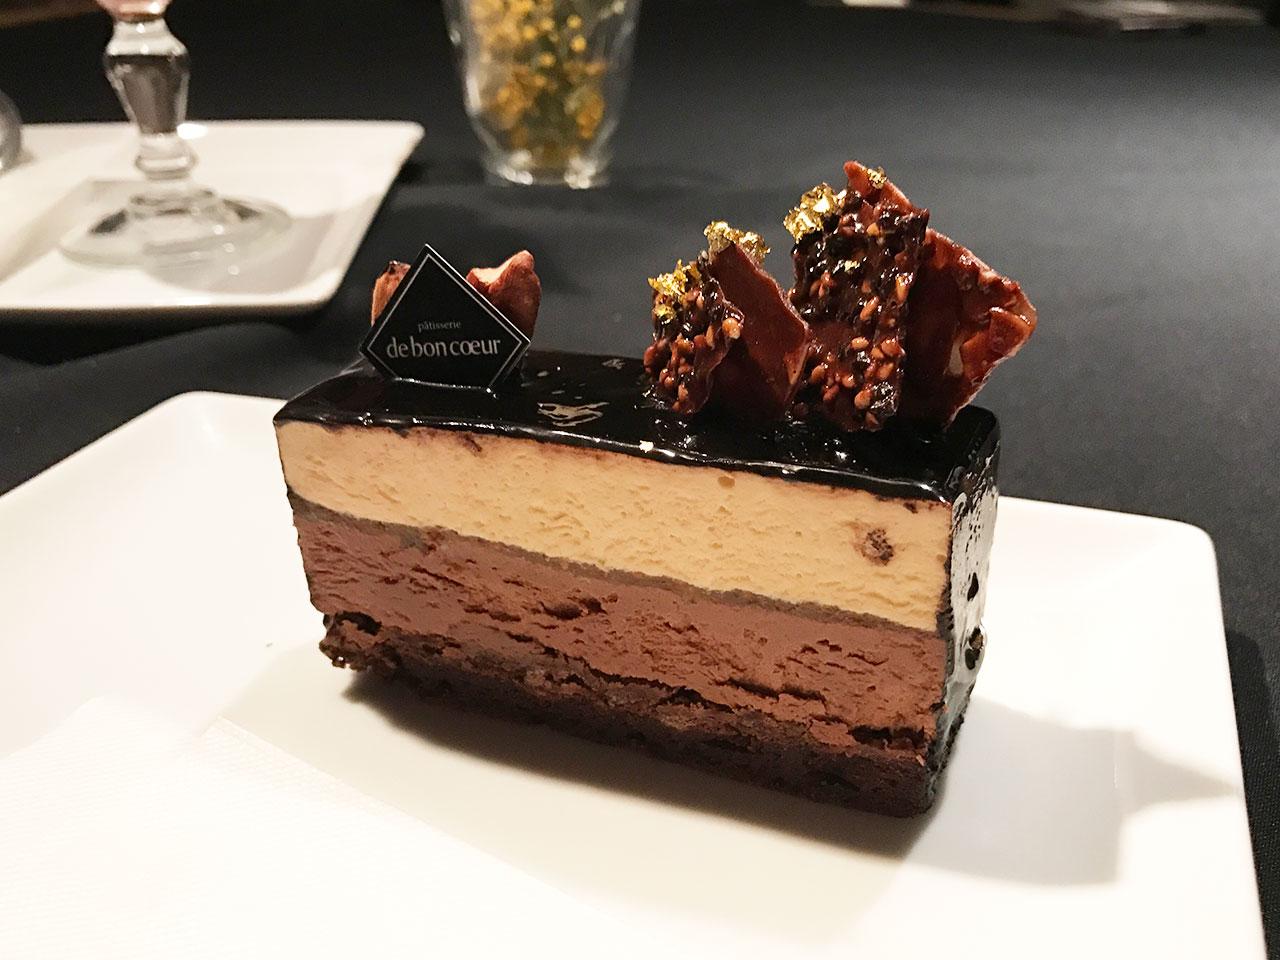 武蔵小山「ドゥボンクーフゥ」のショコラケーキ